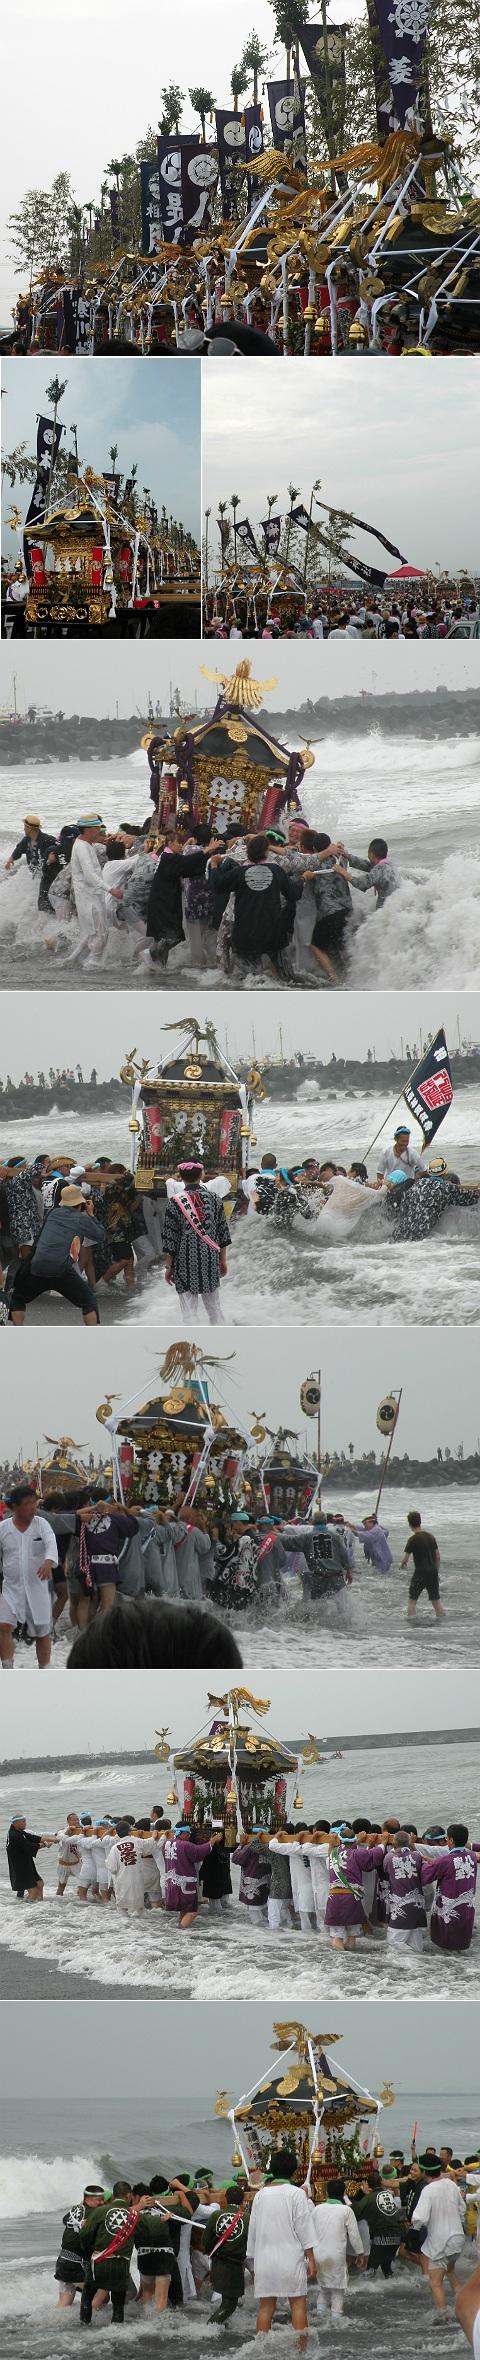 茅ヶ崎海岸 浜降祭 2013